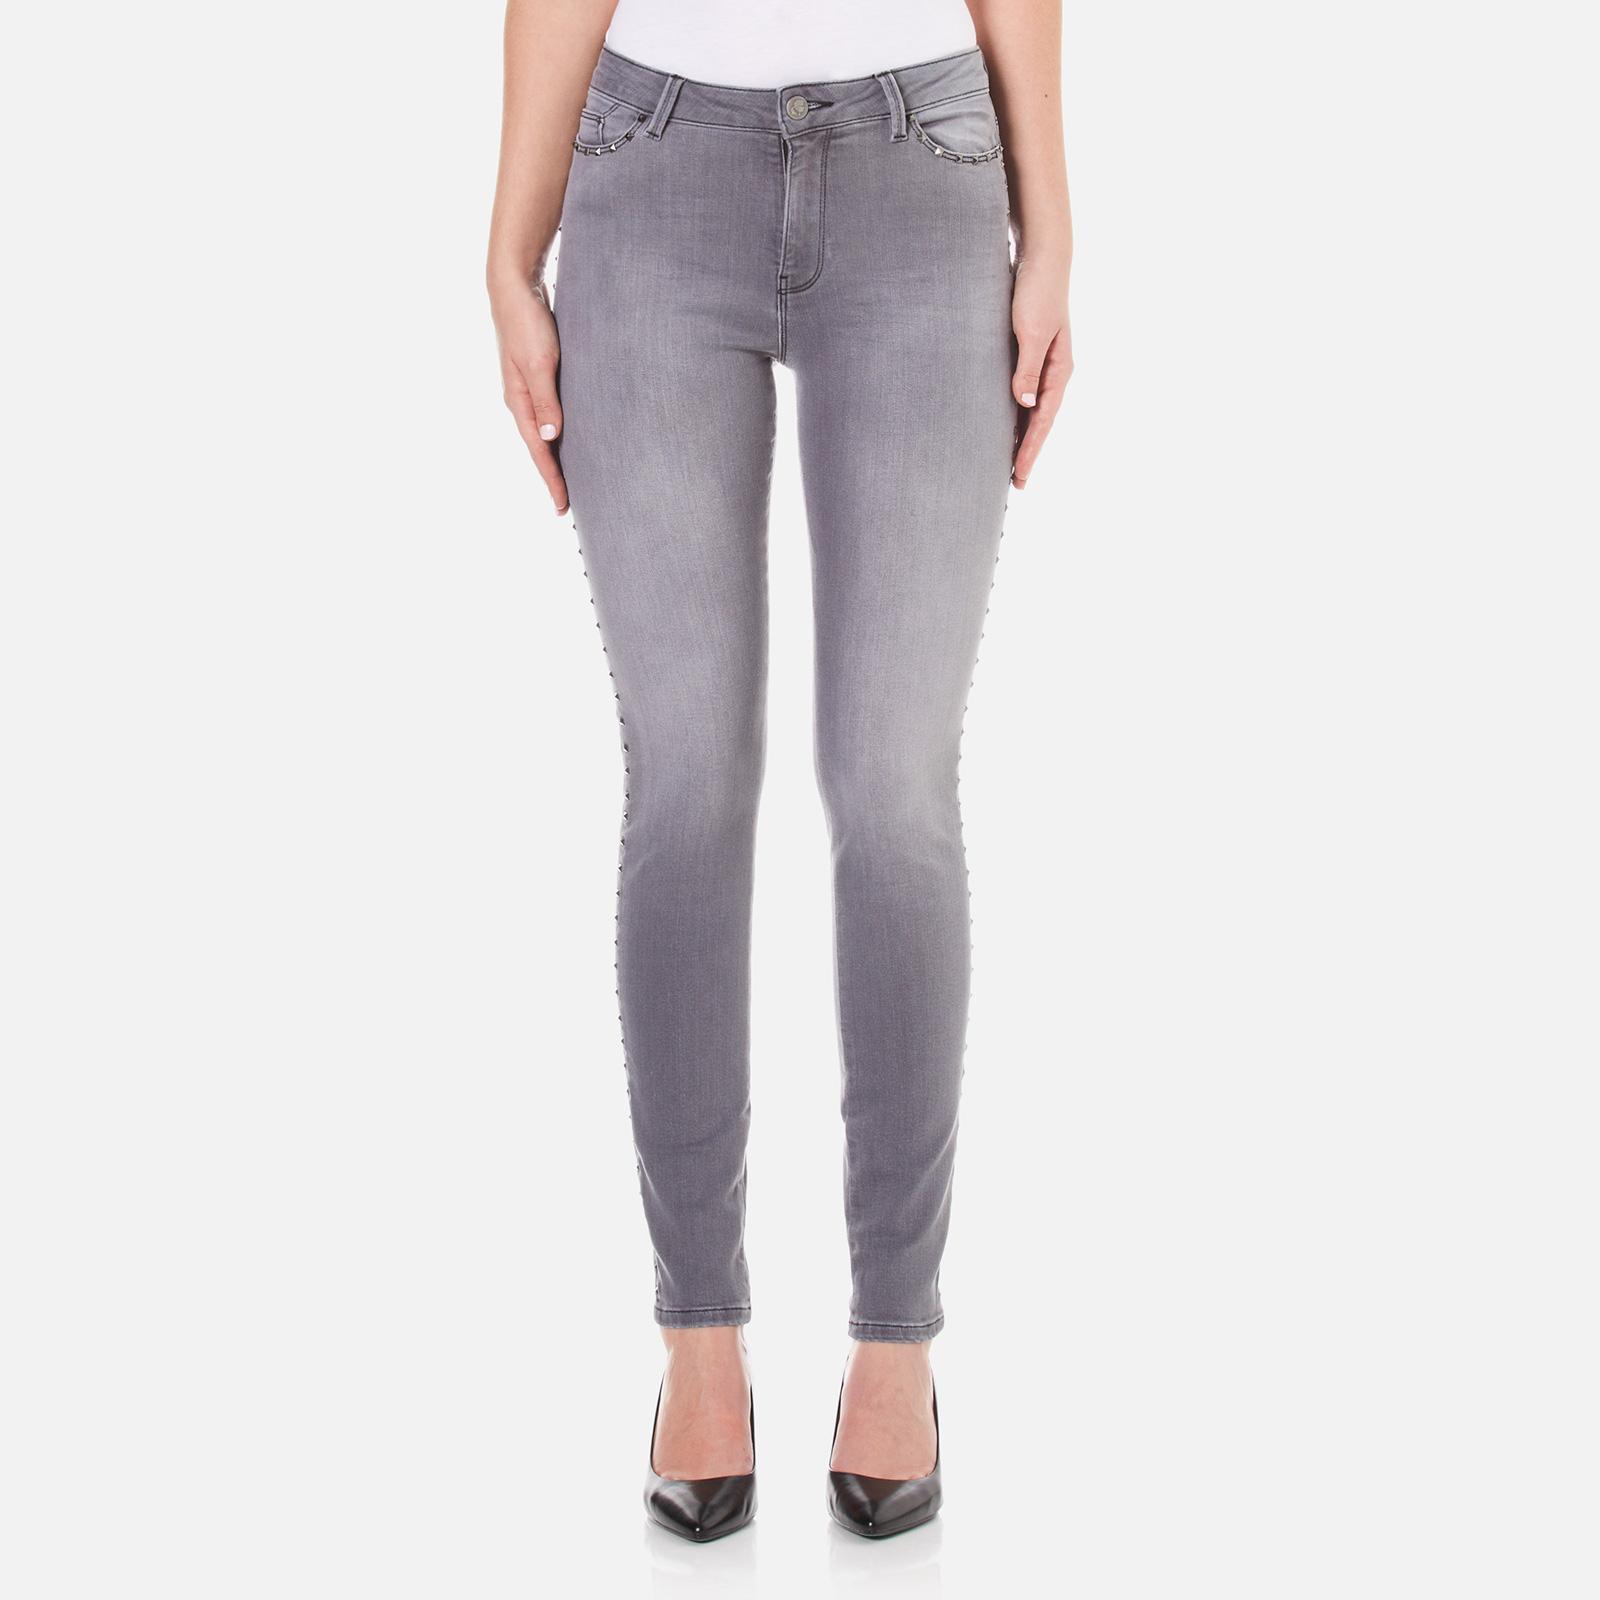 f3d30942d Karl Lagerfeld Women's Studded Slim Fit Denim Jeans - Grey Clothing    TheHut.com